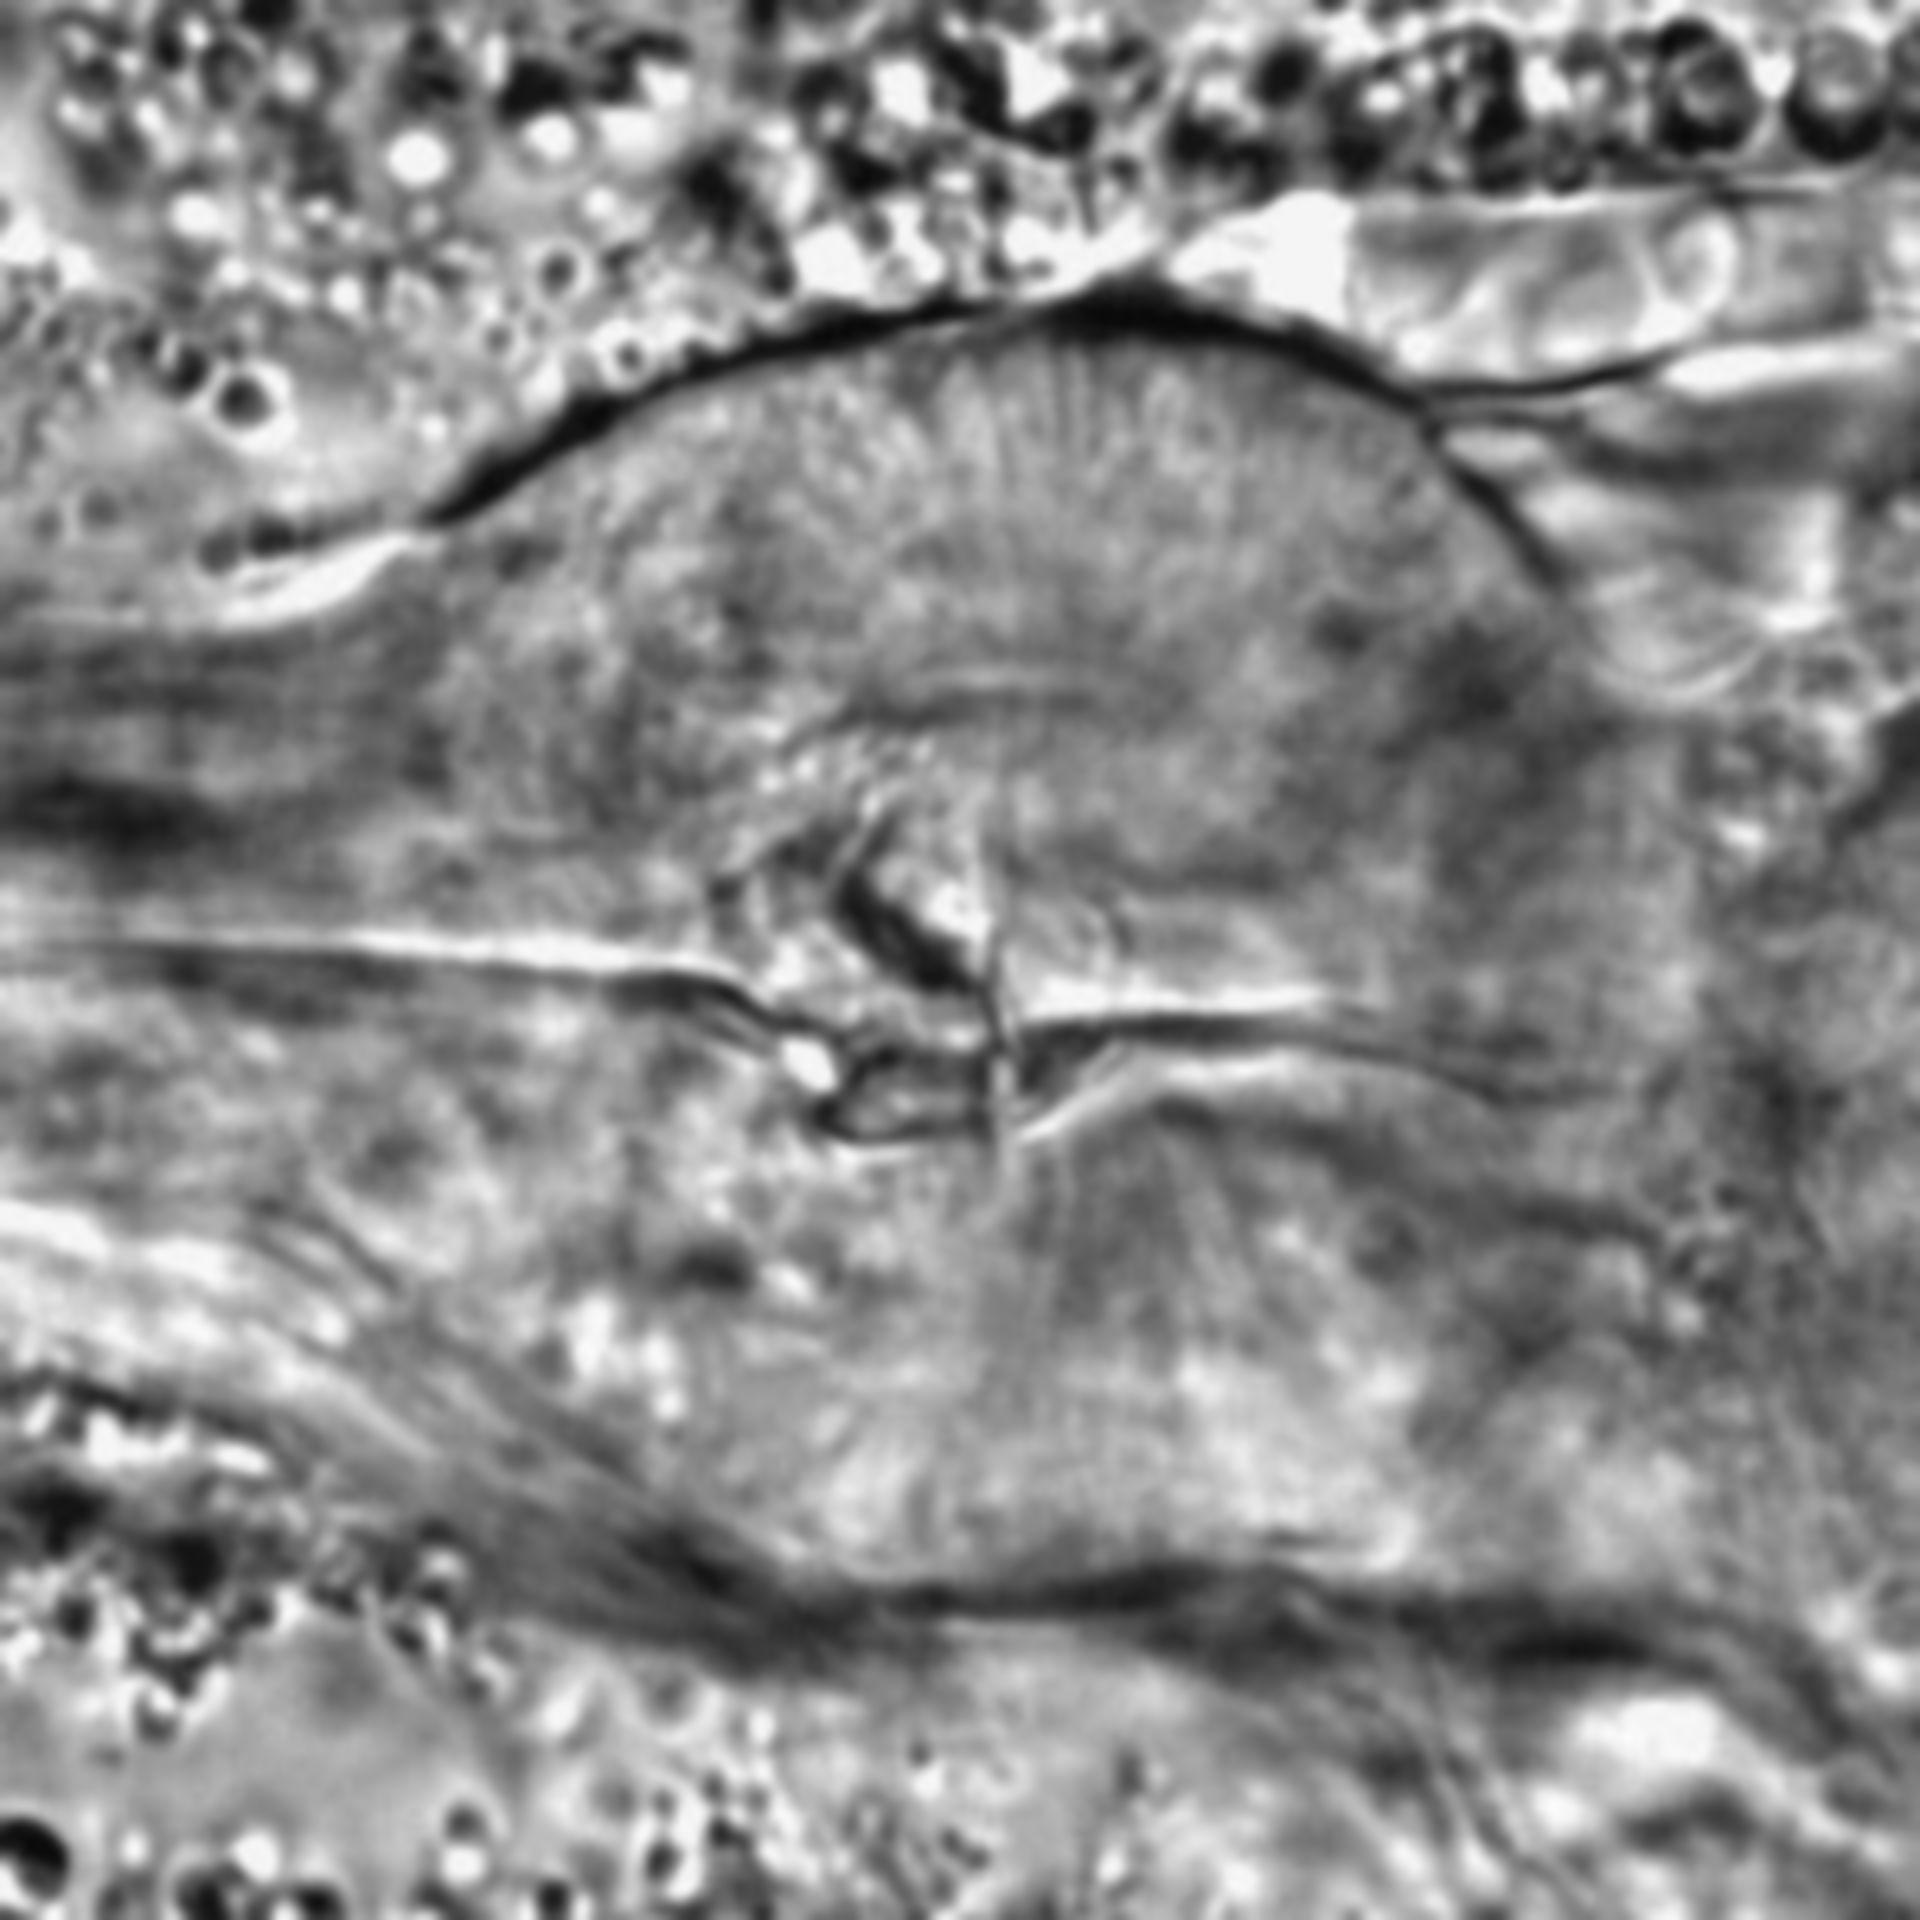 Caenorhabditis elegans - CIL:1784